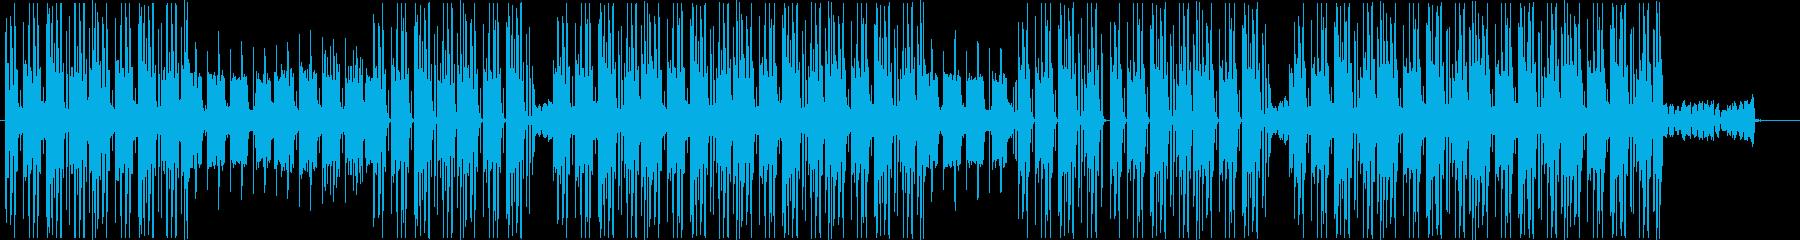 洋楽、トラップソウル、R&Bビート♫の再生済みの波形